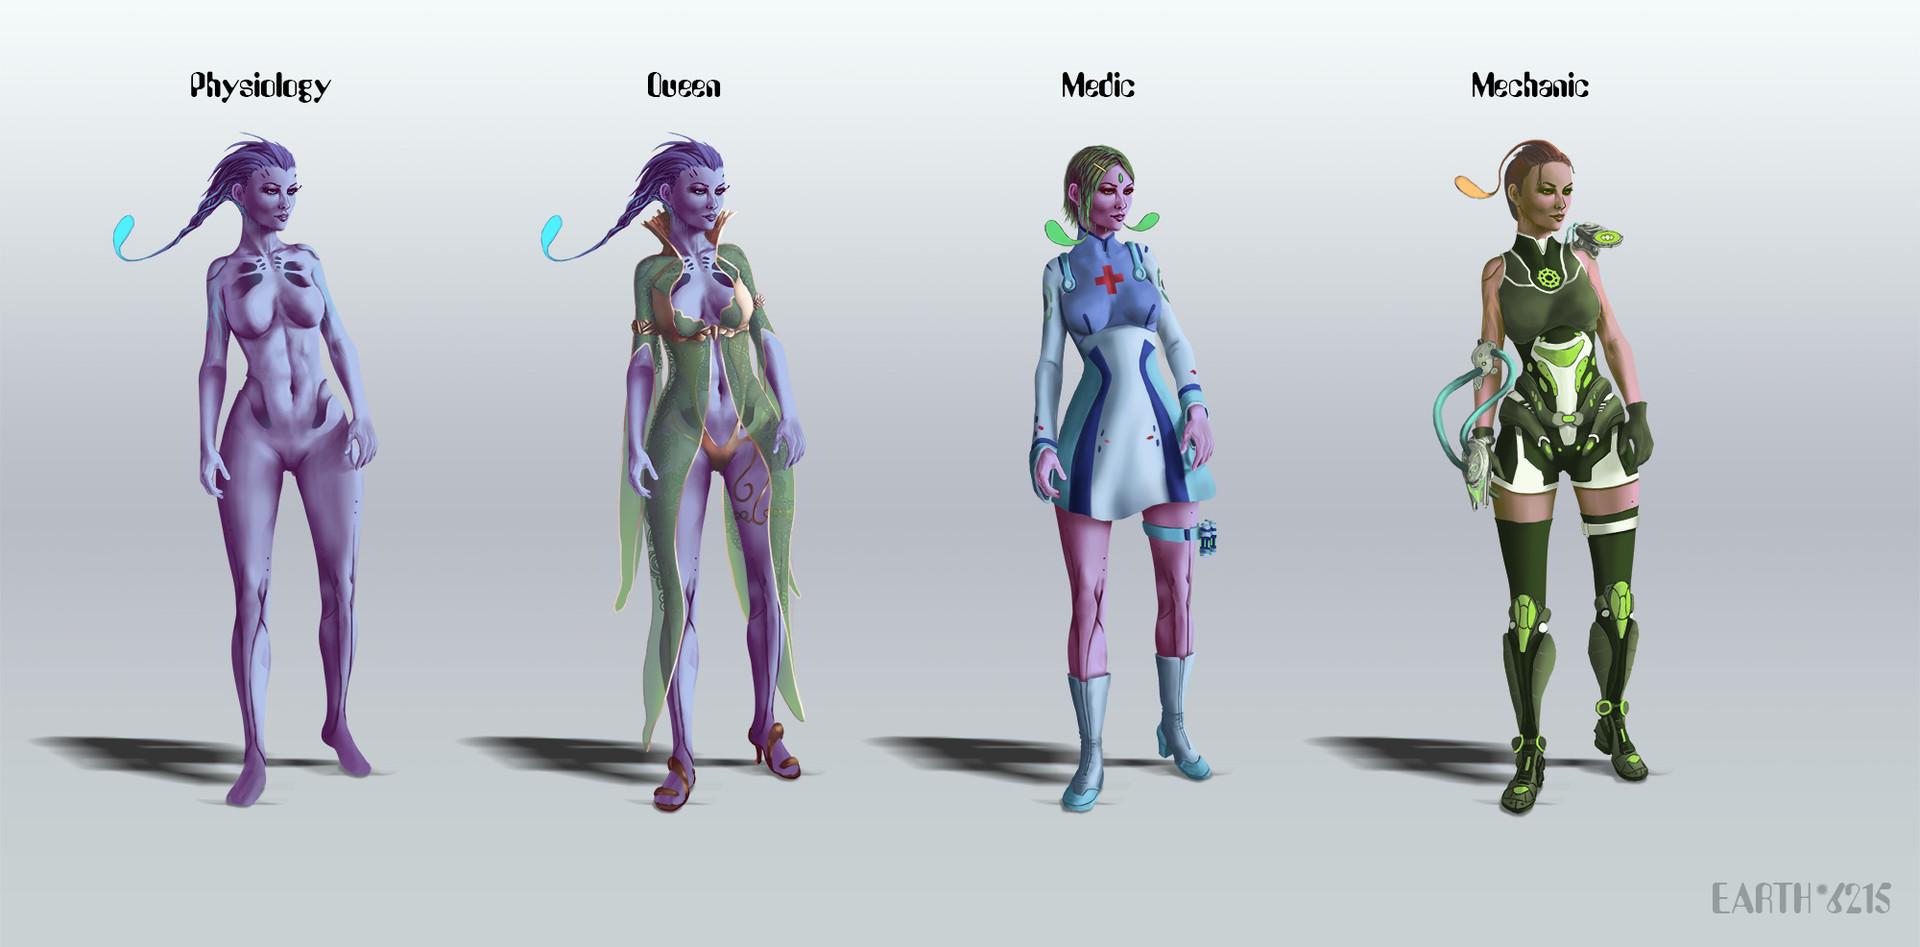 Tomasz smolka earth 6215 characters final